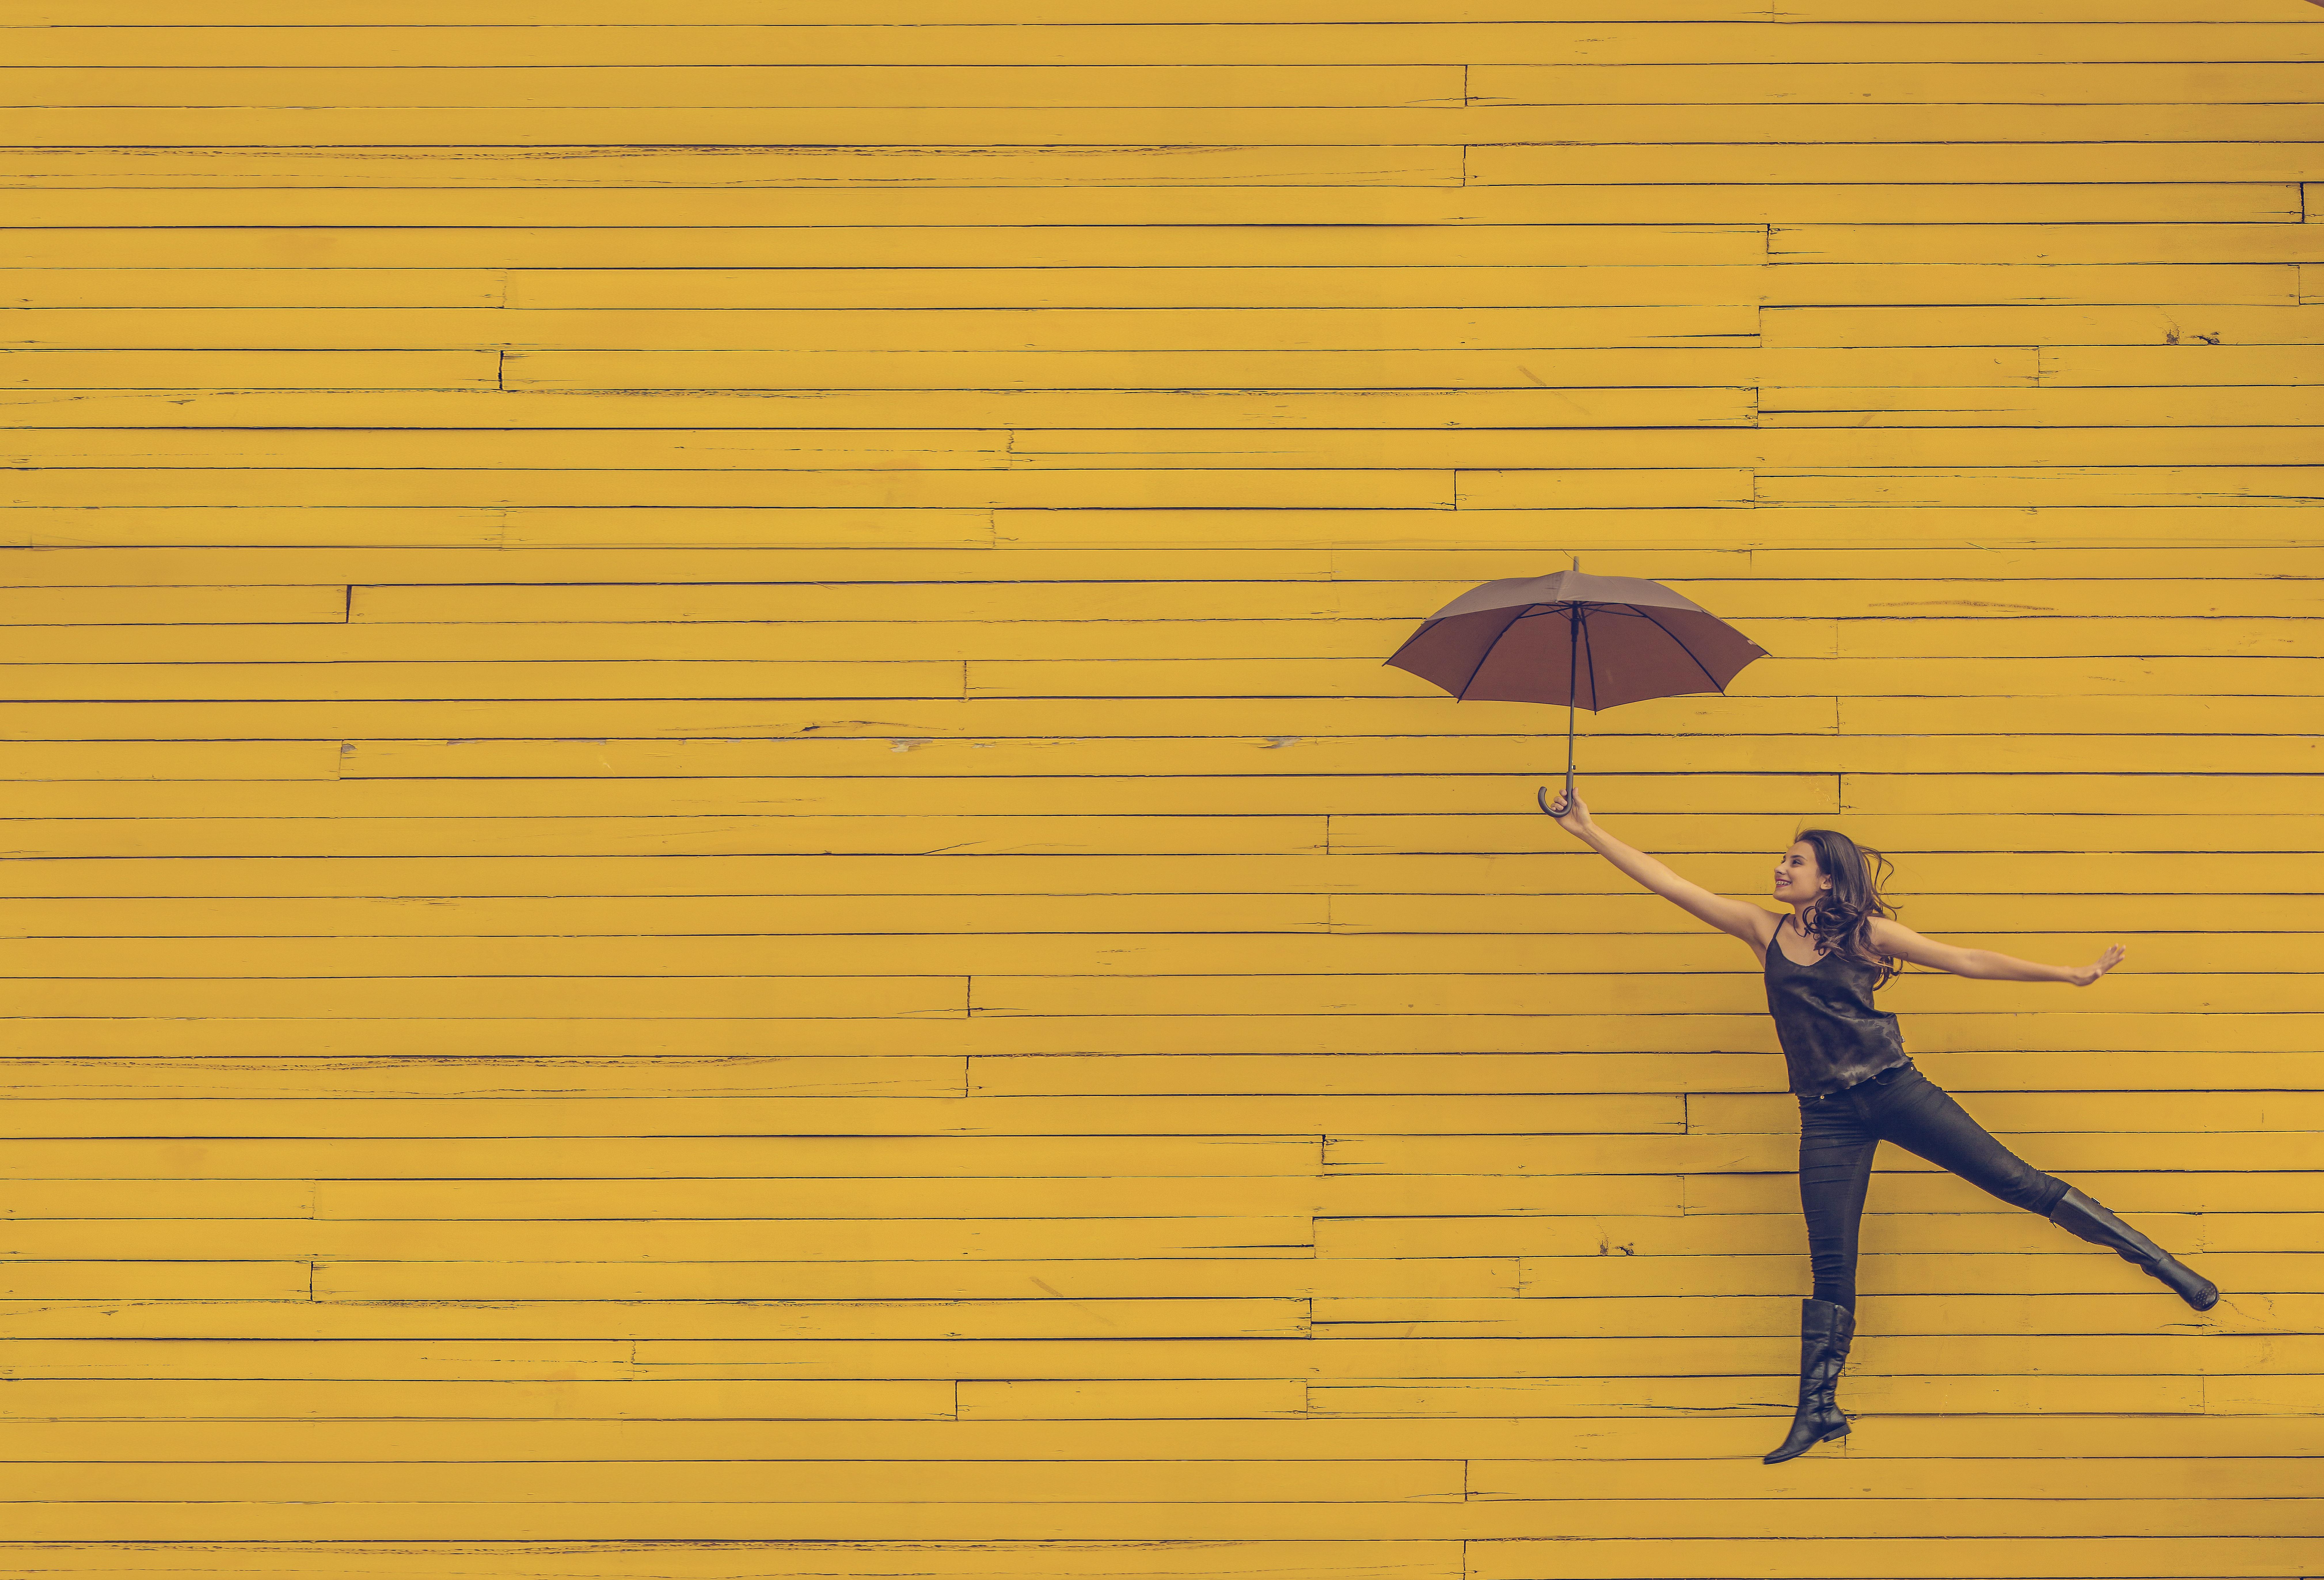 Tyttö hyppää sateen varjo kädessä. Taustalla keltainen lautaseinä.